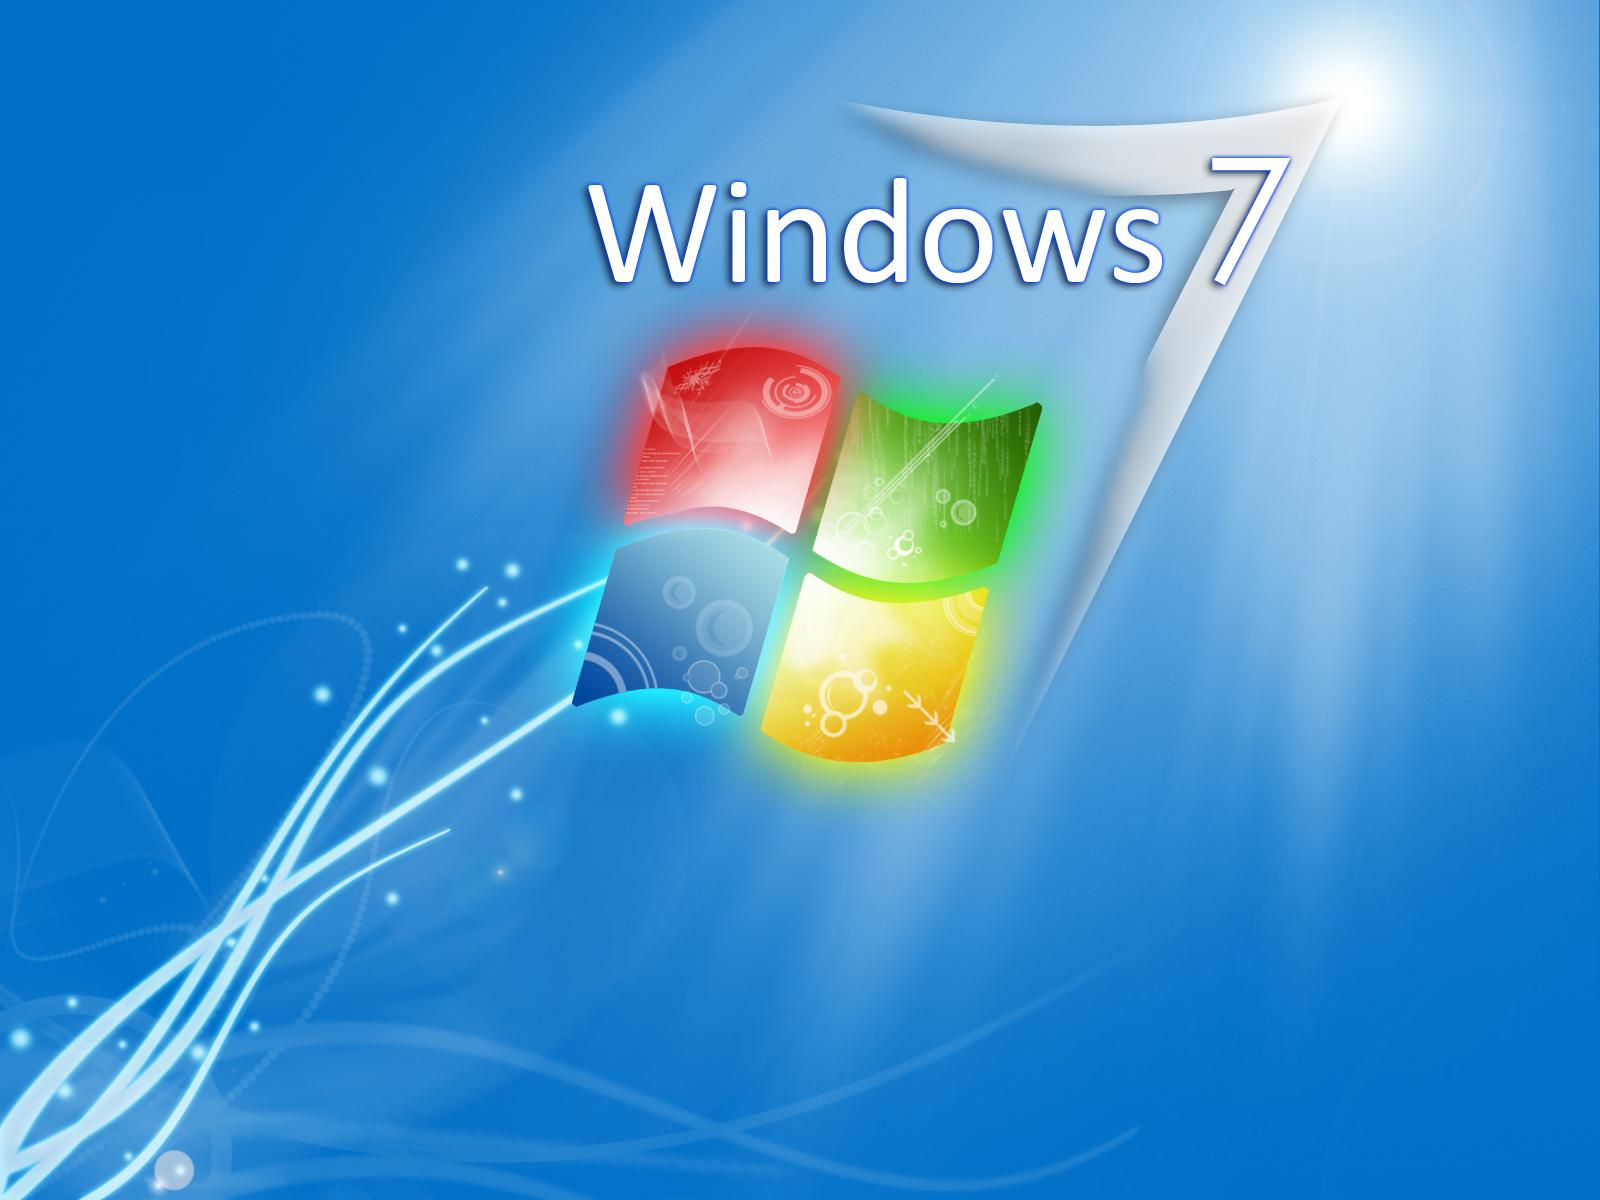 Create a windows 7 wallpaper wallpaper - Tips finding best wallpaper ...